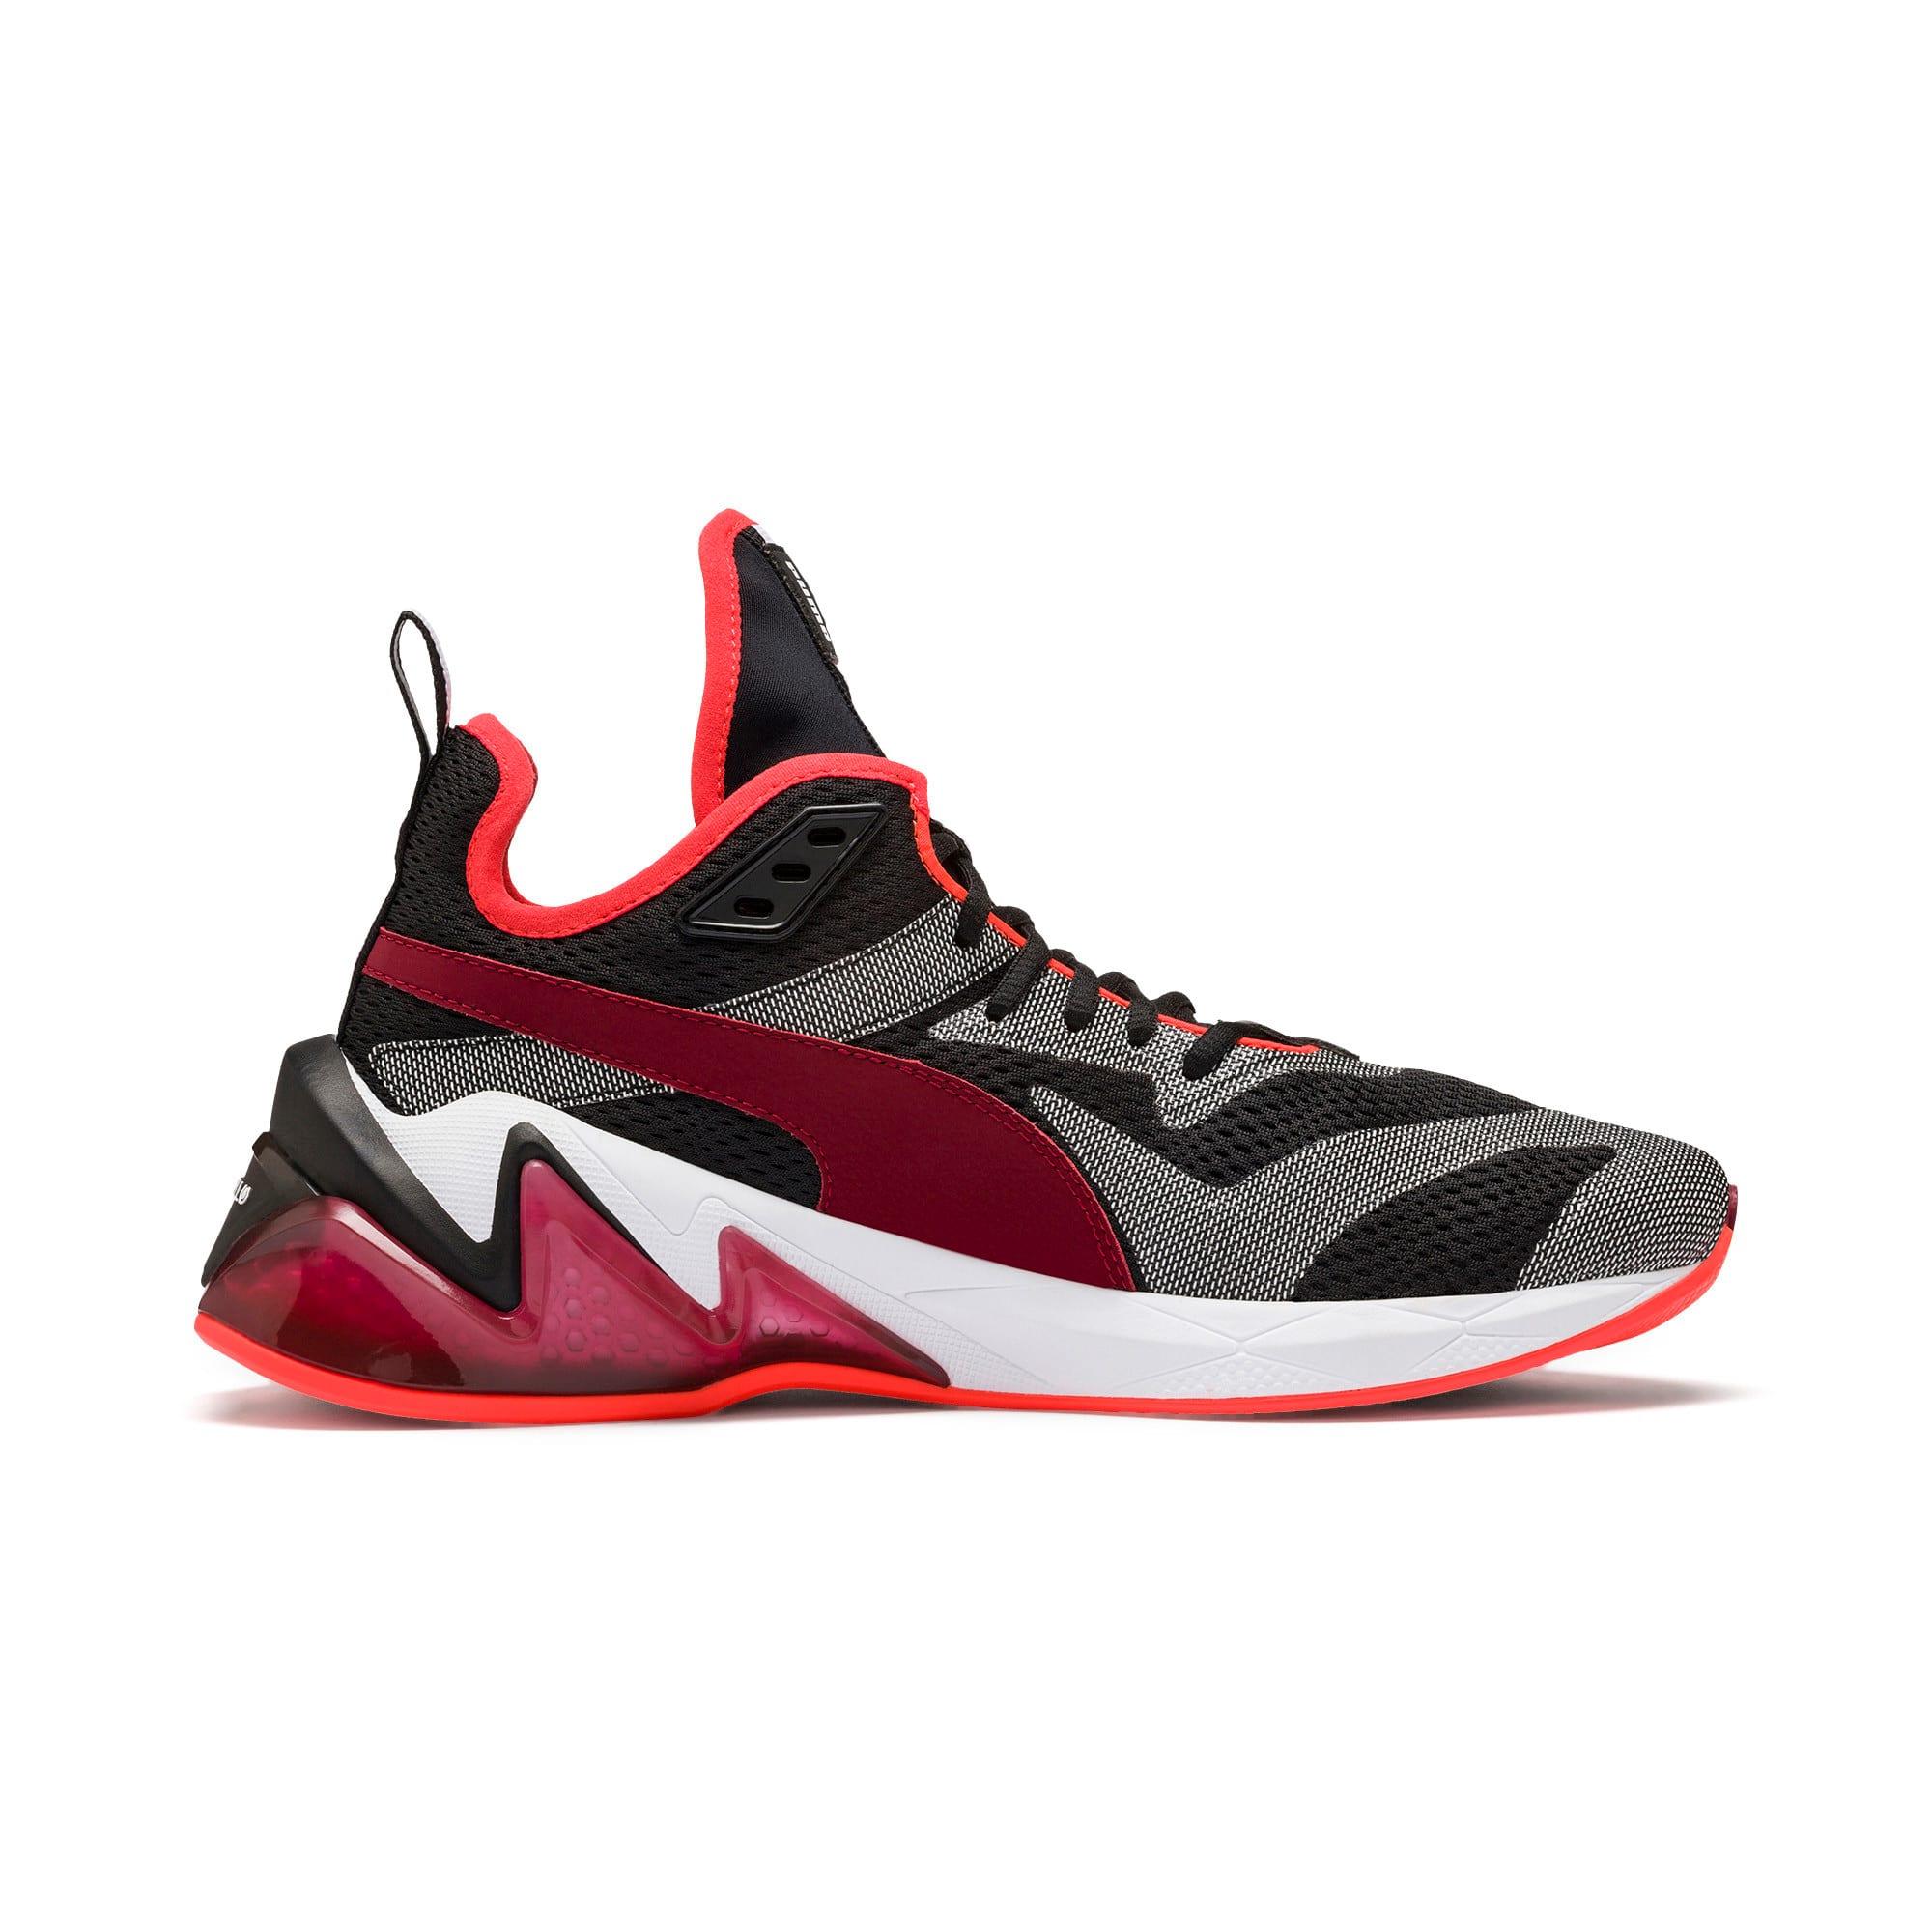 Thumbnail 6 of Chaussure d'entraînement LQDCELL Origin Tech pour homme, Puma Black-Rhubarb, medium